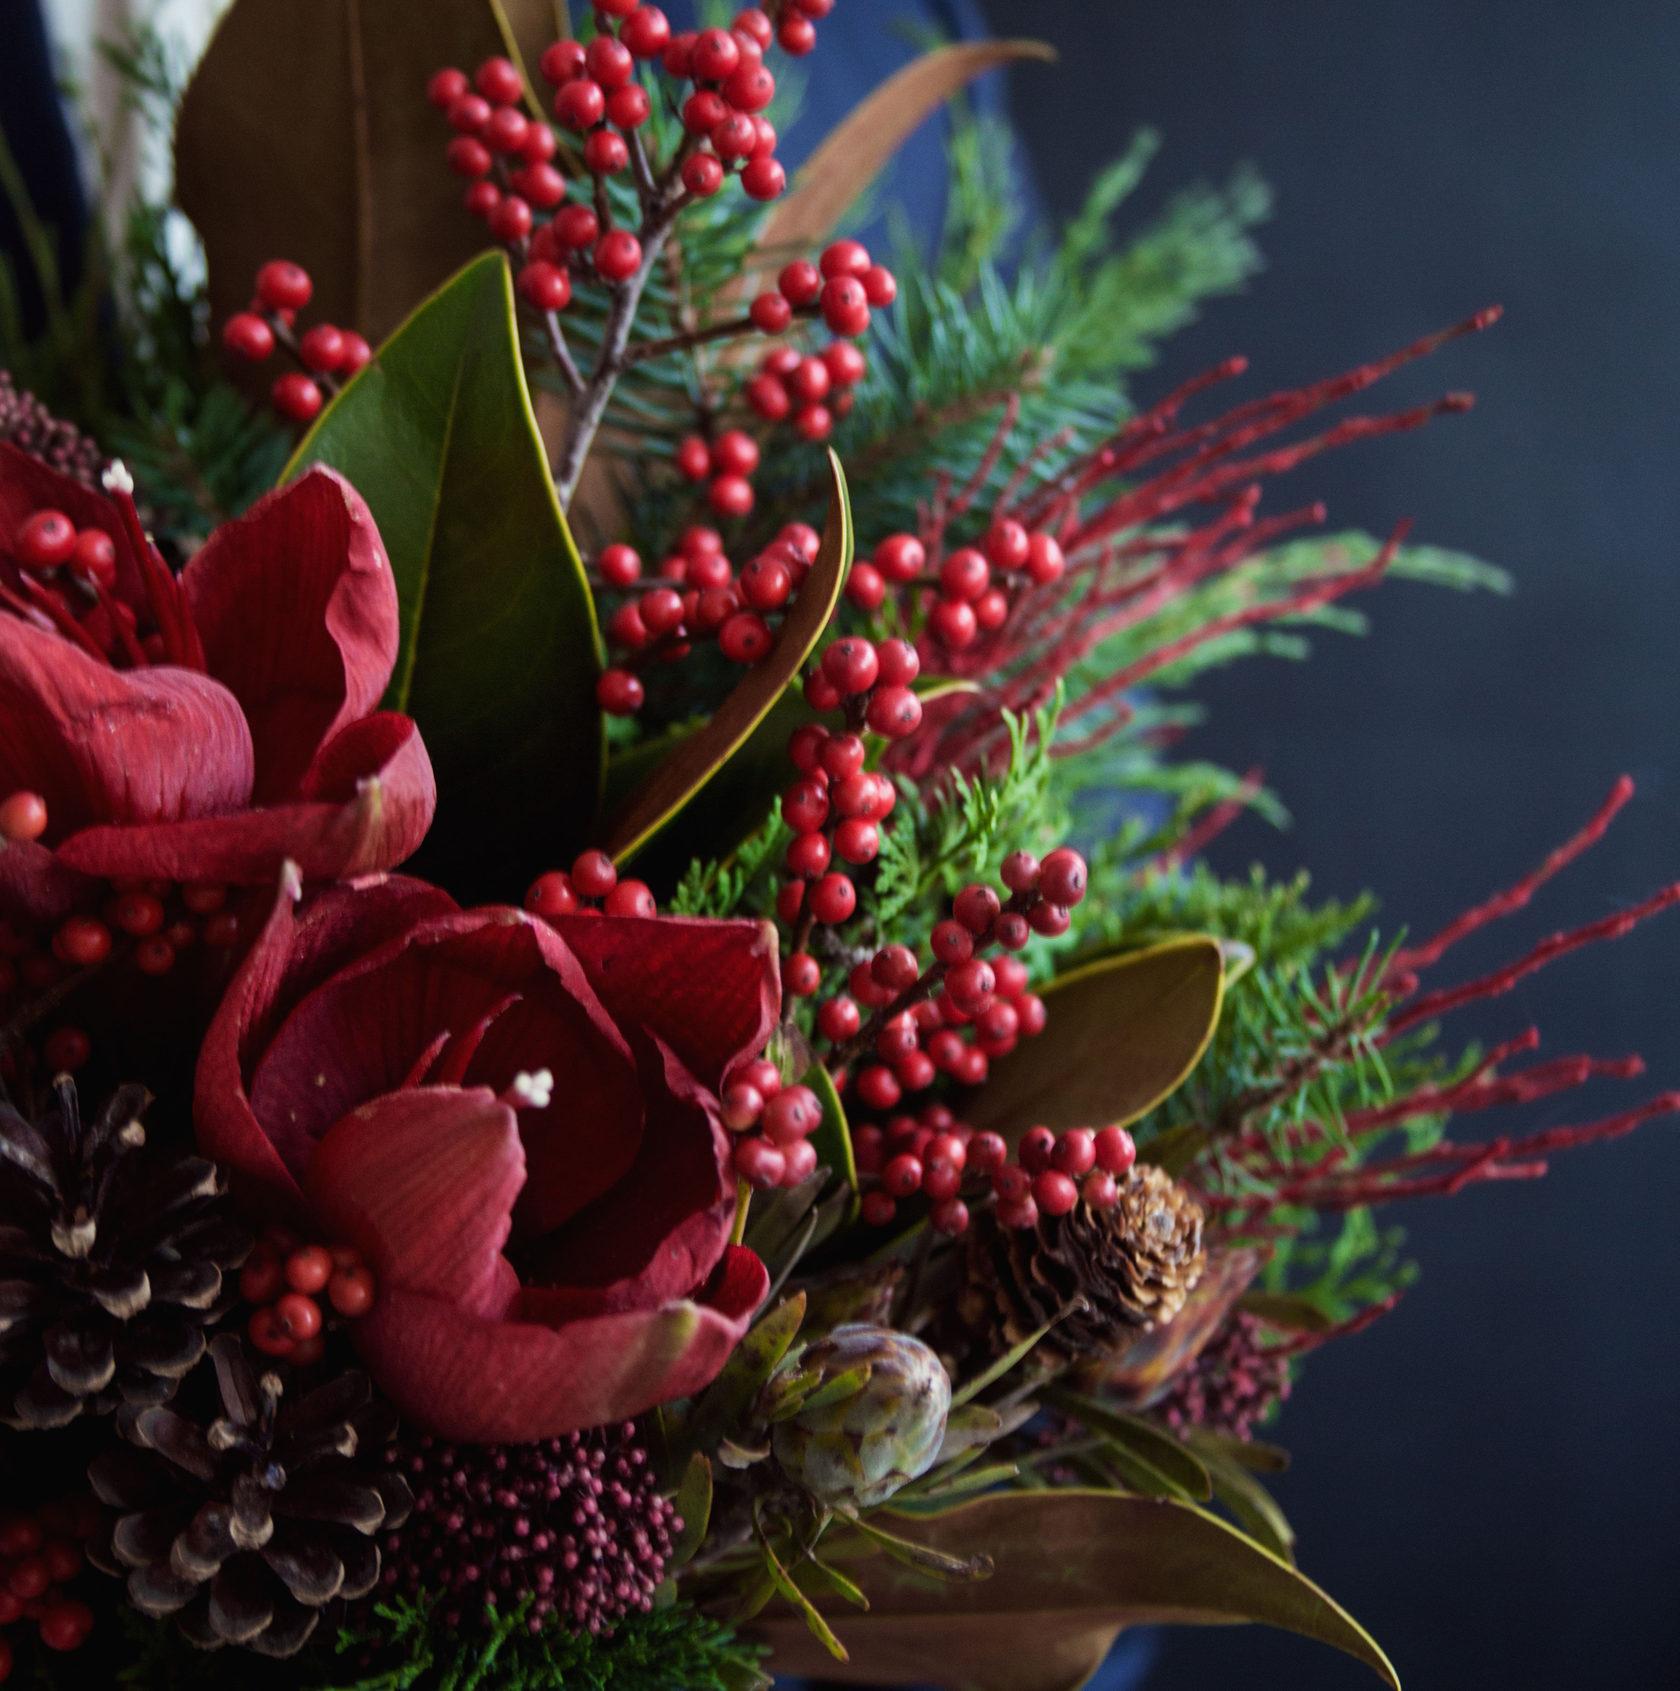 возможности цветы для мужчины на день рождения фото название получил